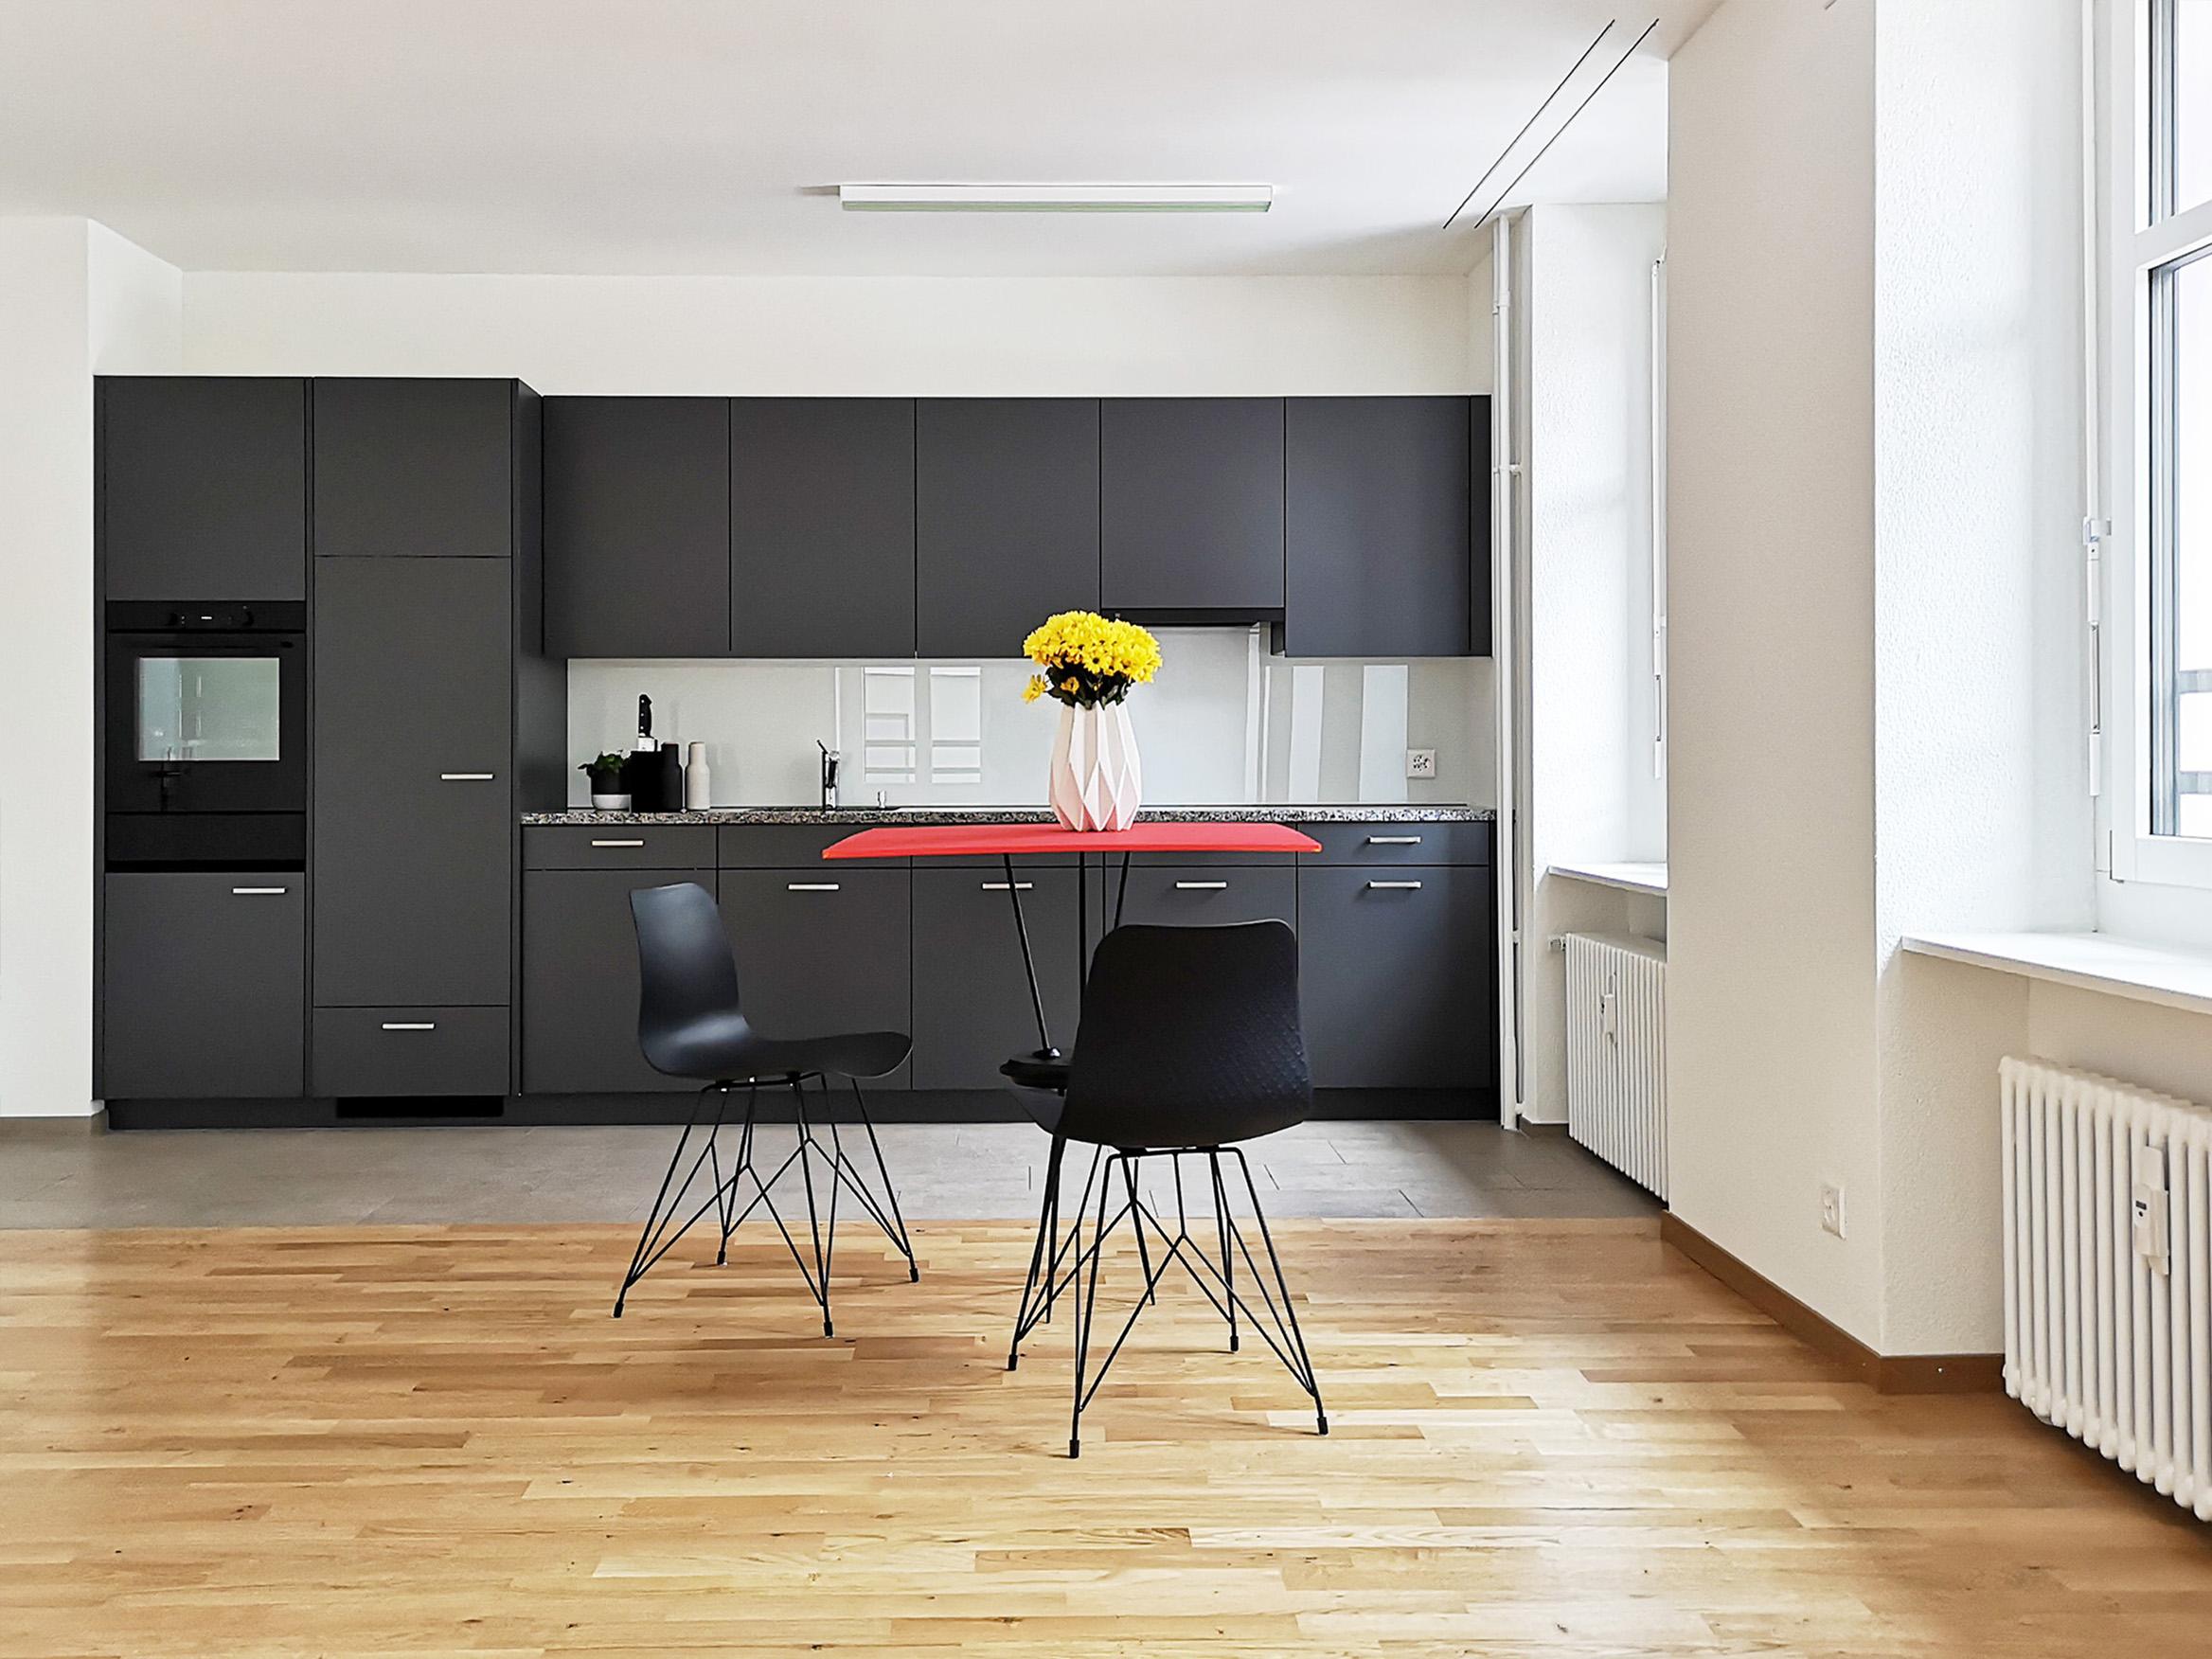 Küche/ Essen/ Wohnen in Regelgeschosswohnung